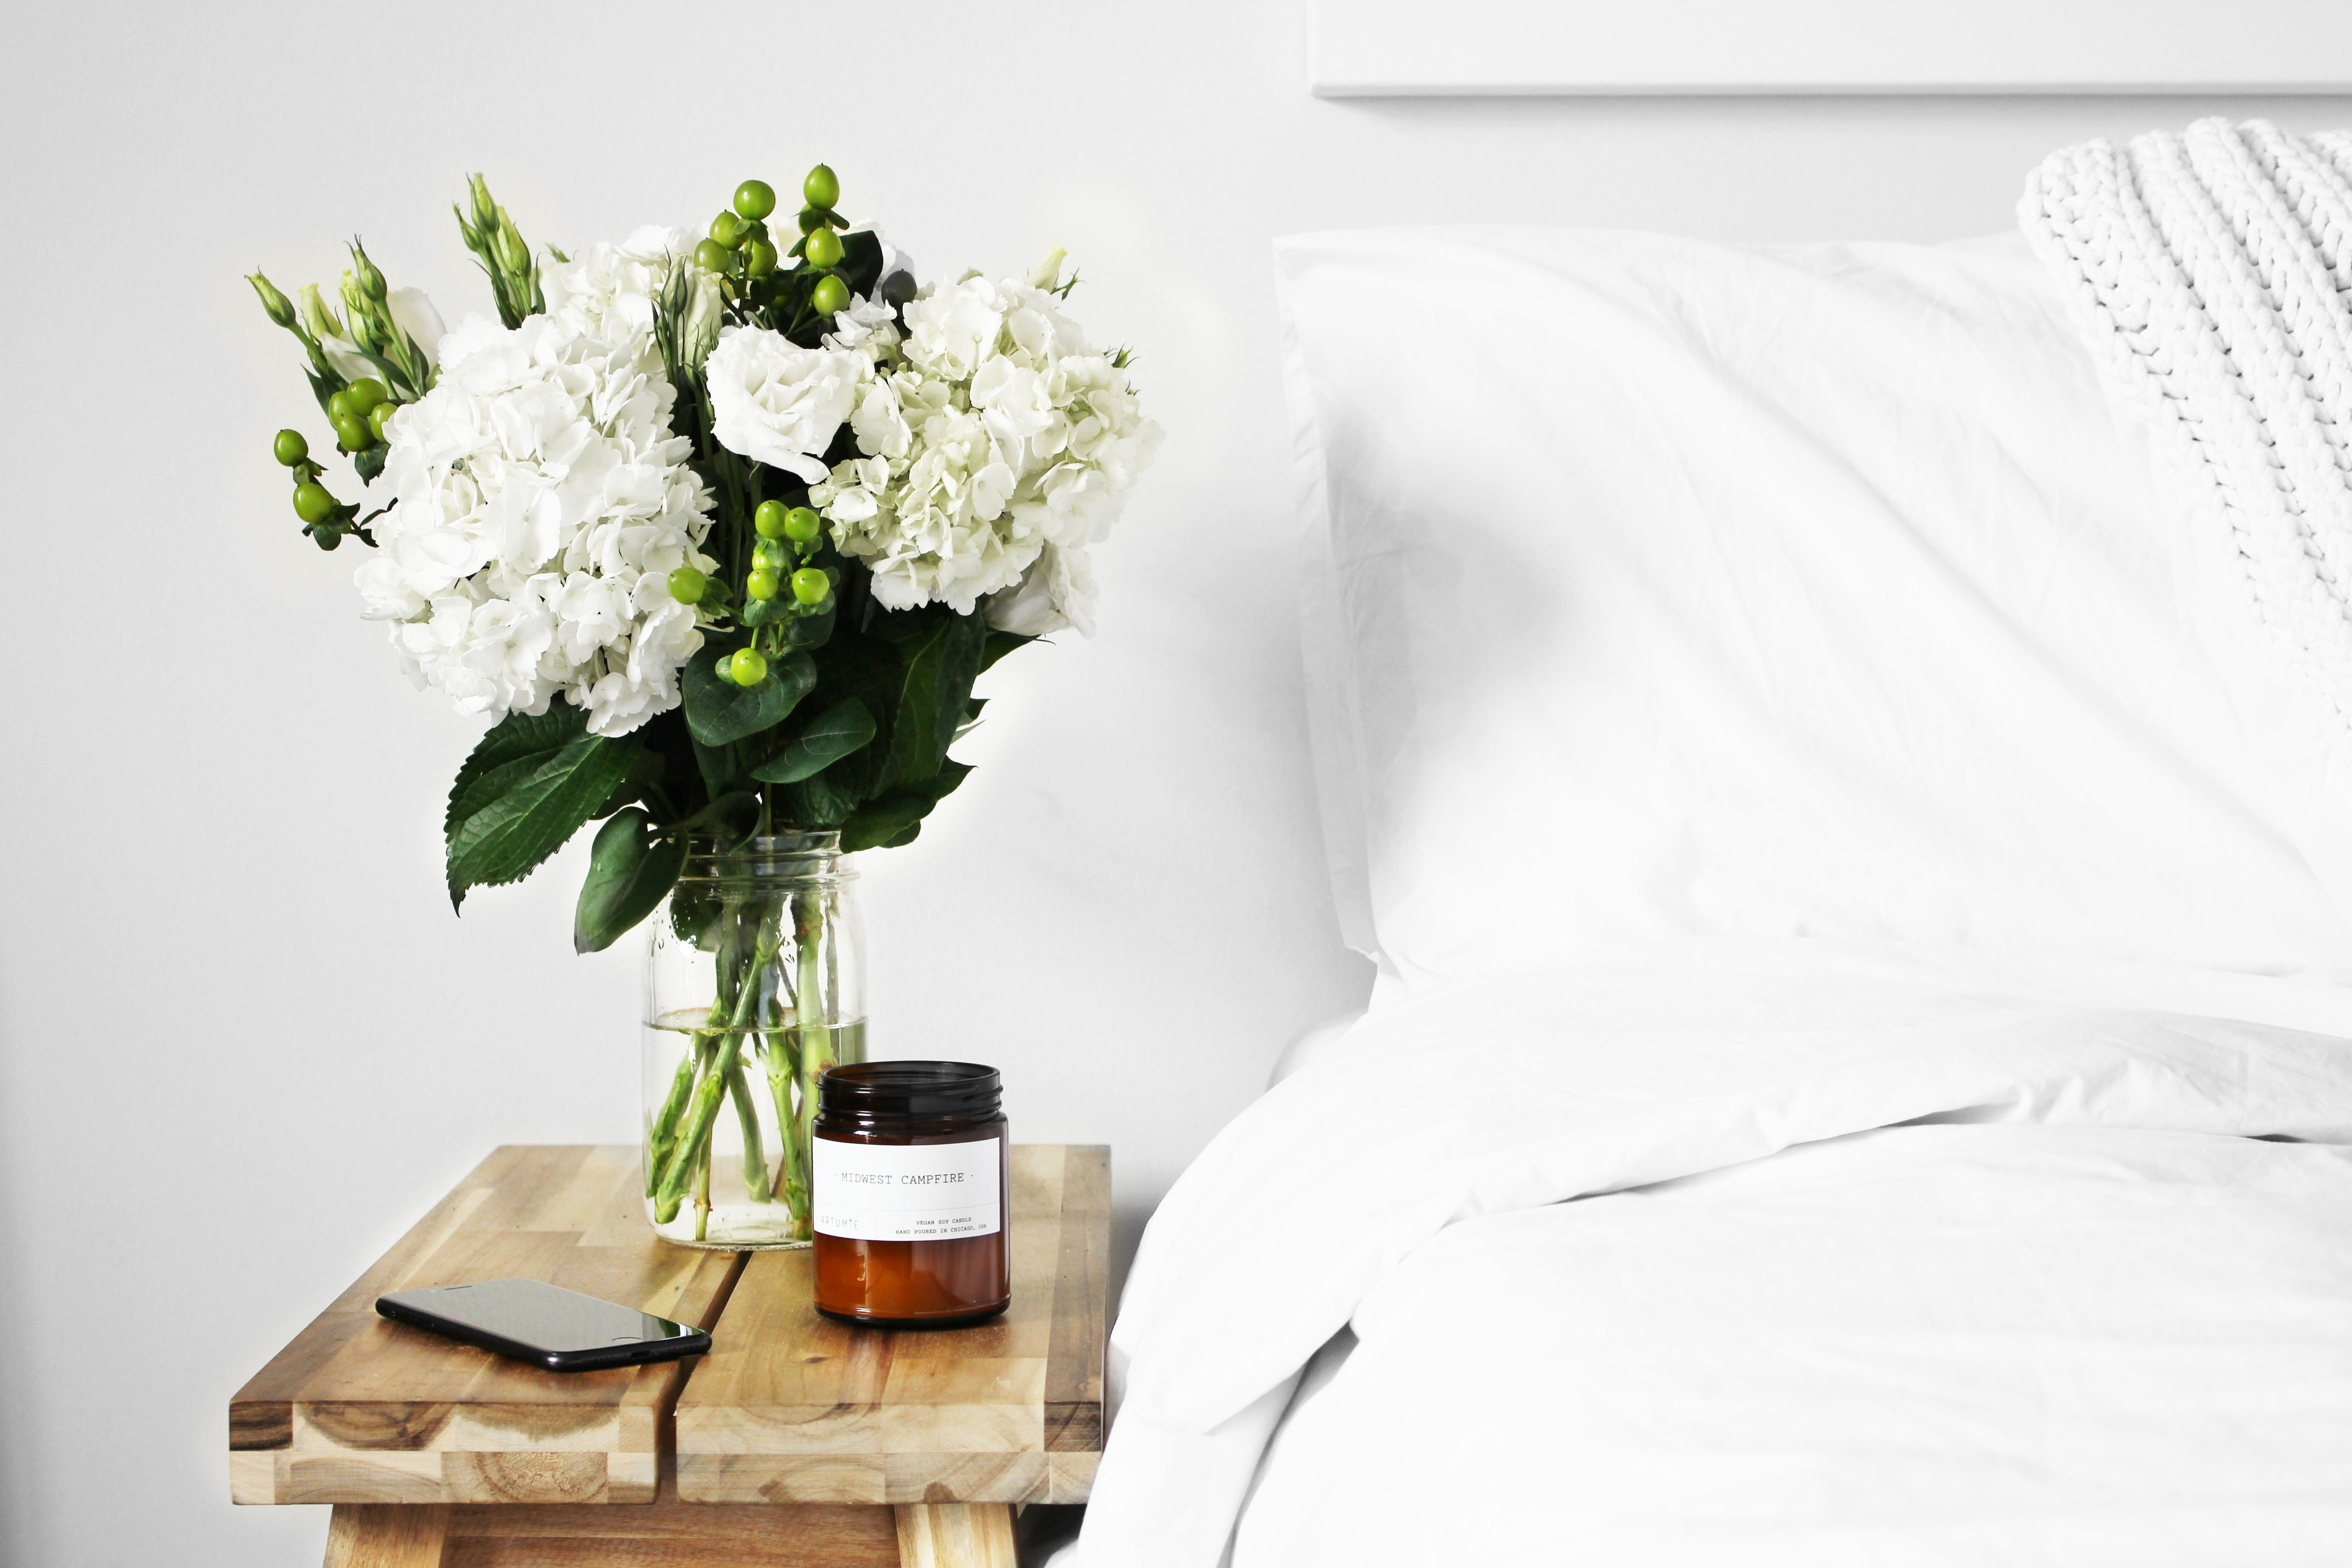 Как сделать комнату уютной: 25 идей, которые тебя не разорят